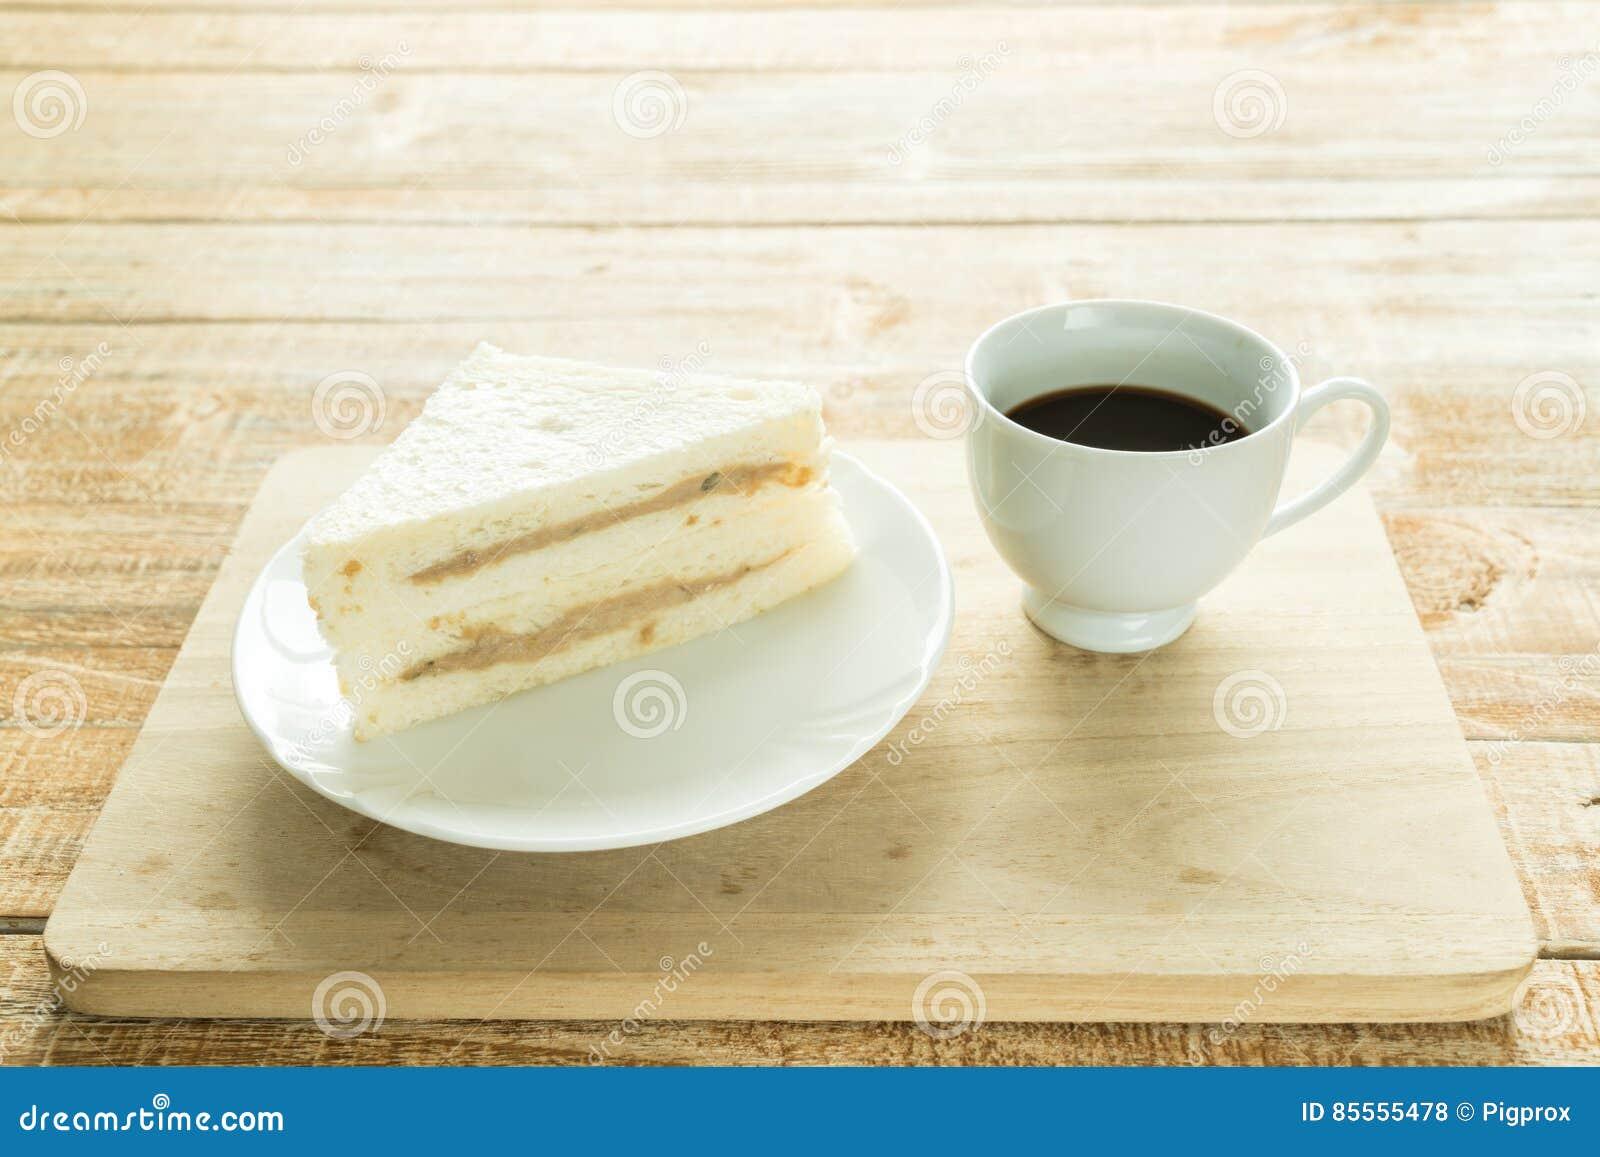 Sandwiche auf dem hölzernen Hintergrund